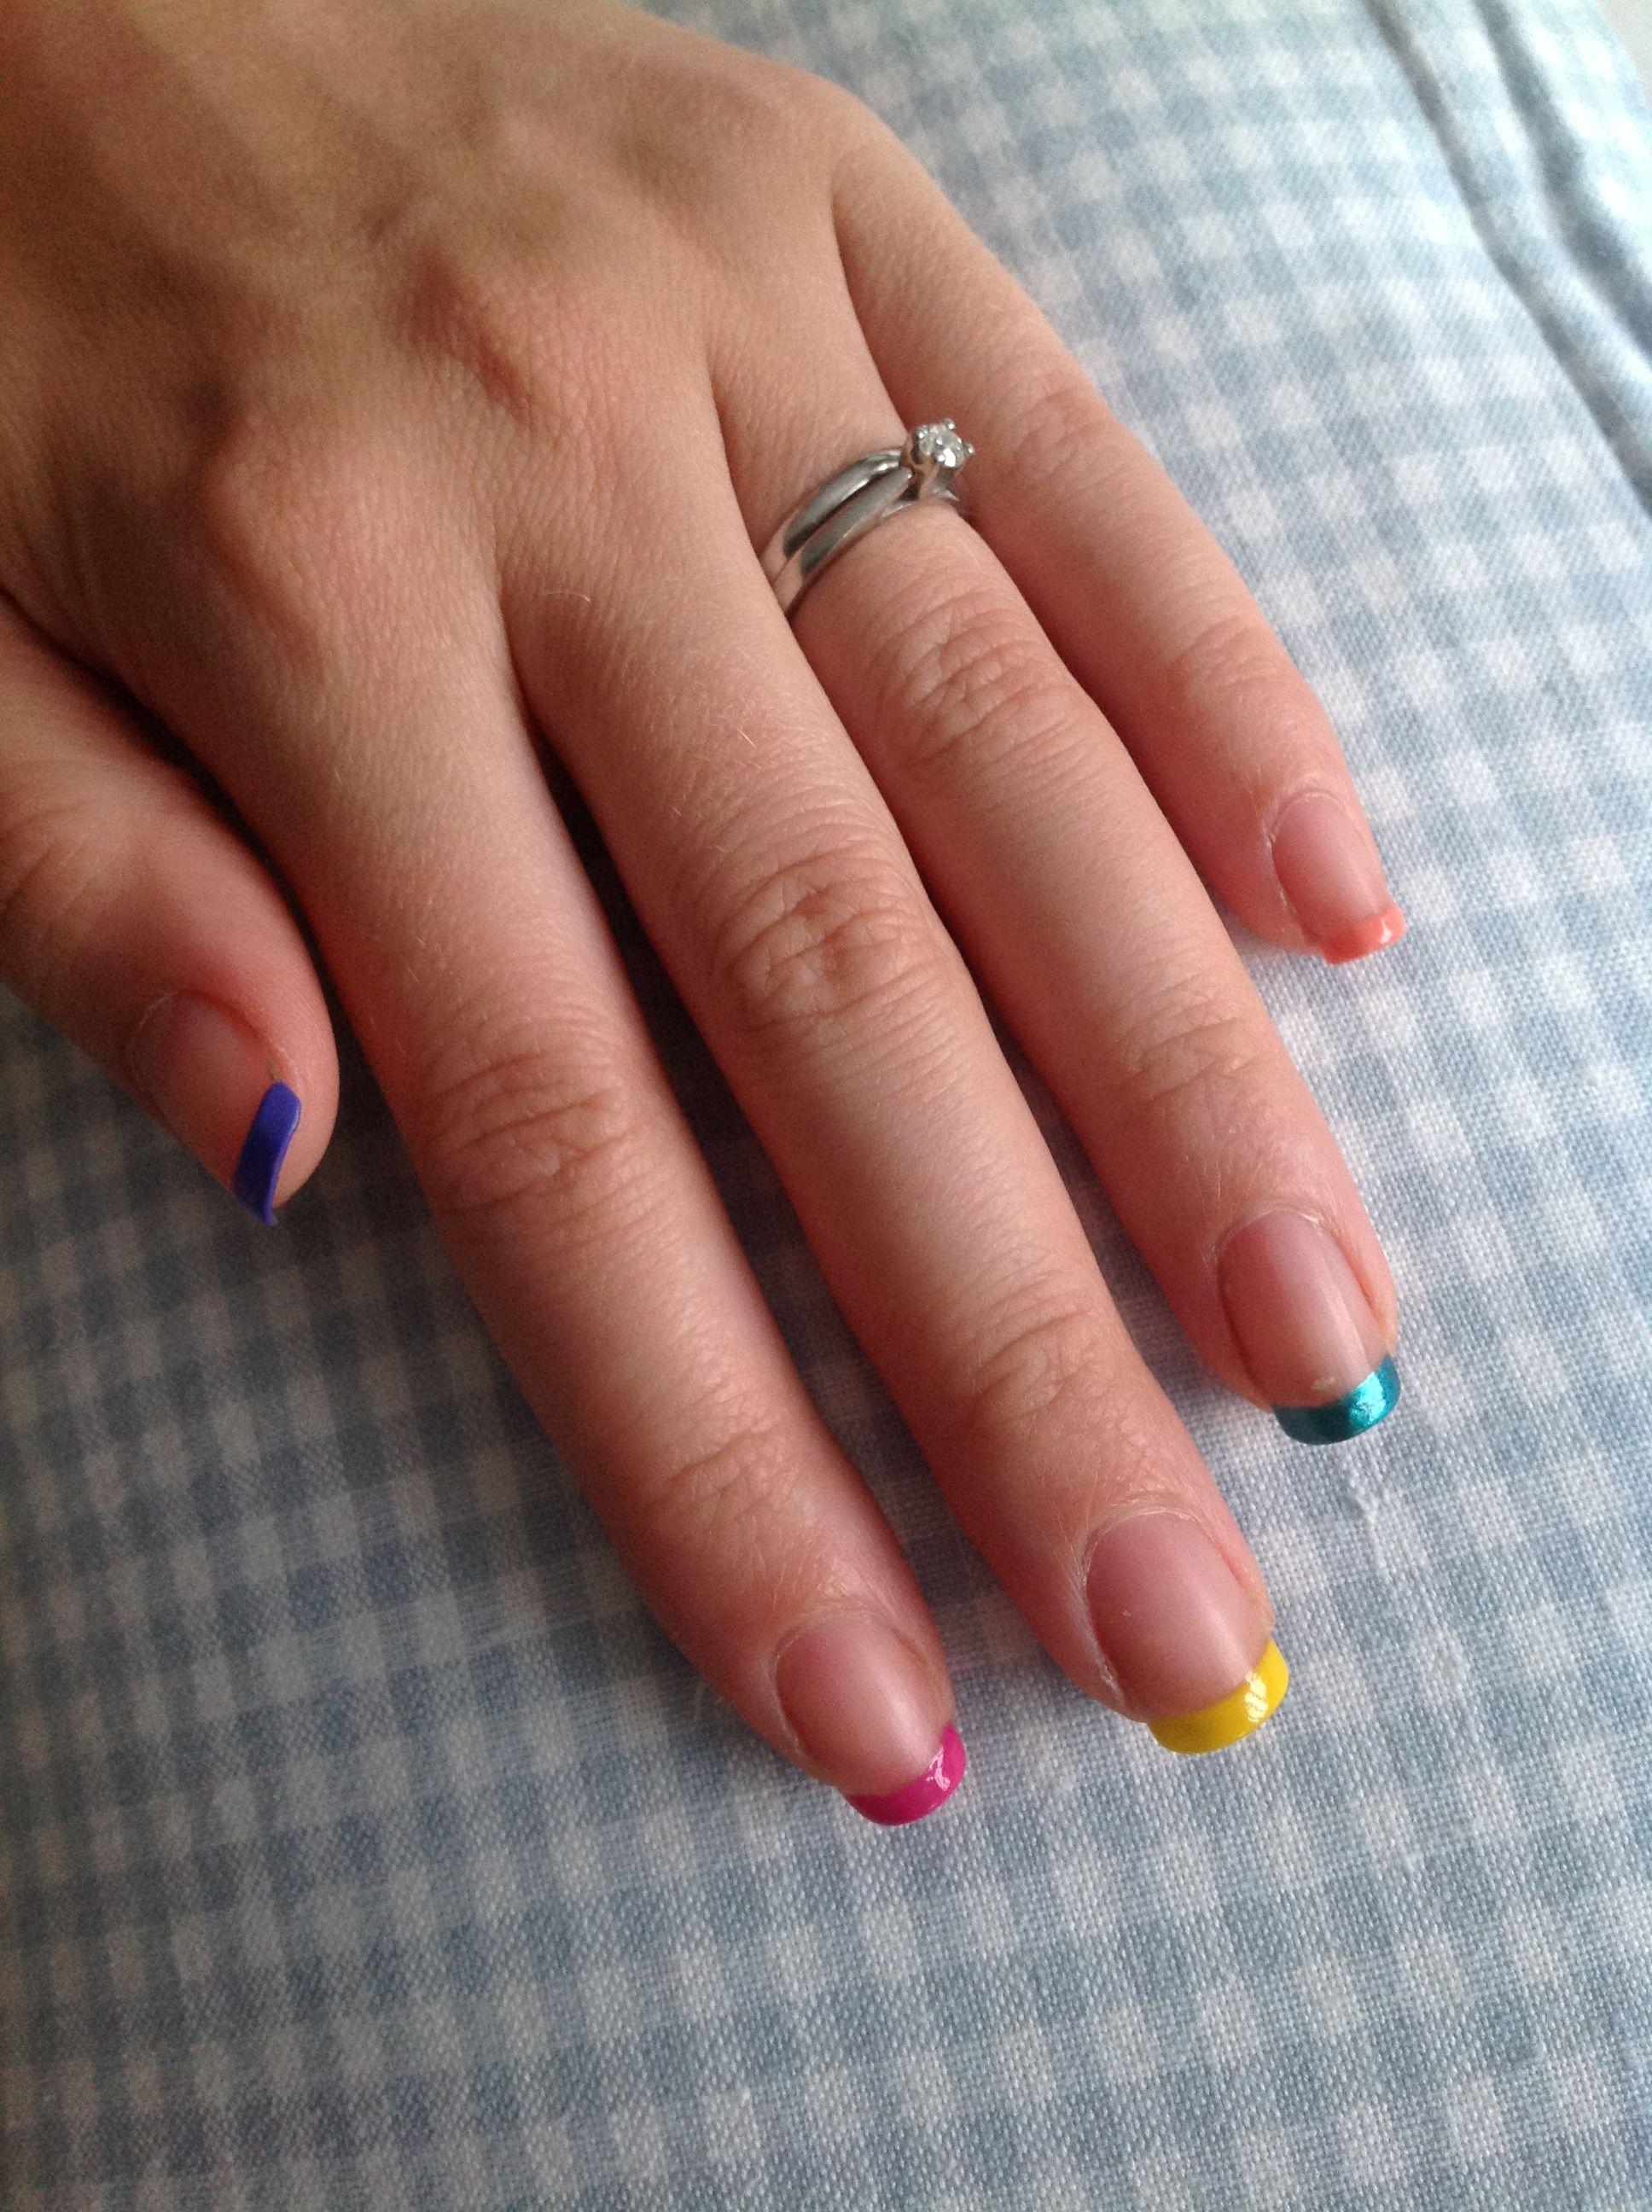 Colourful tips #nails #french #polish #bright #summer | Nails ...